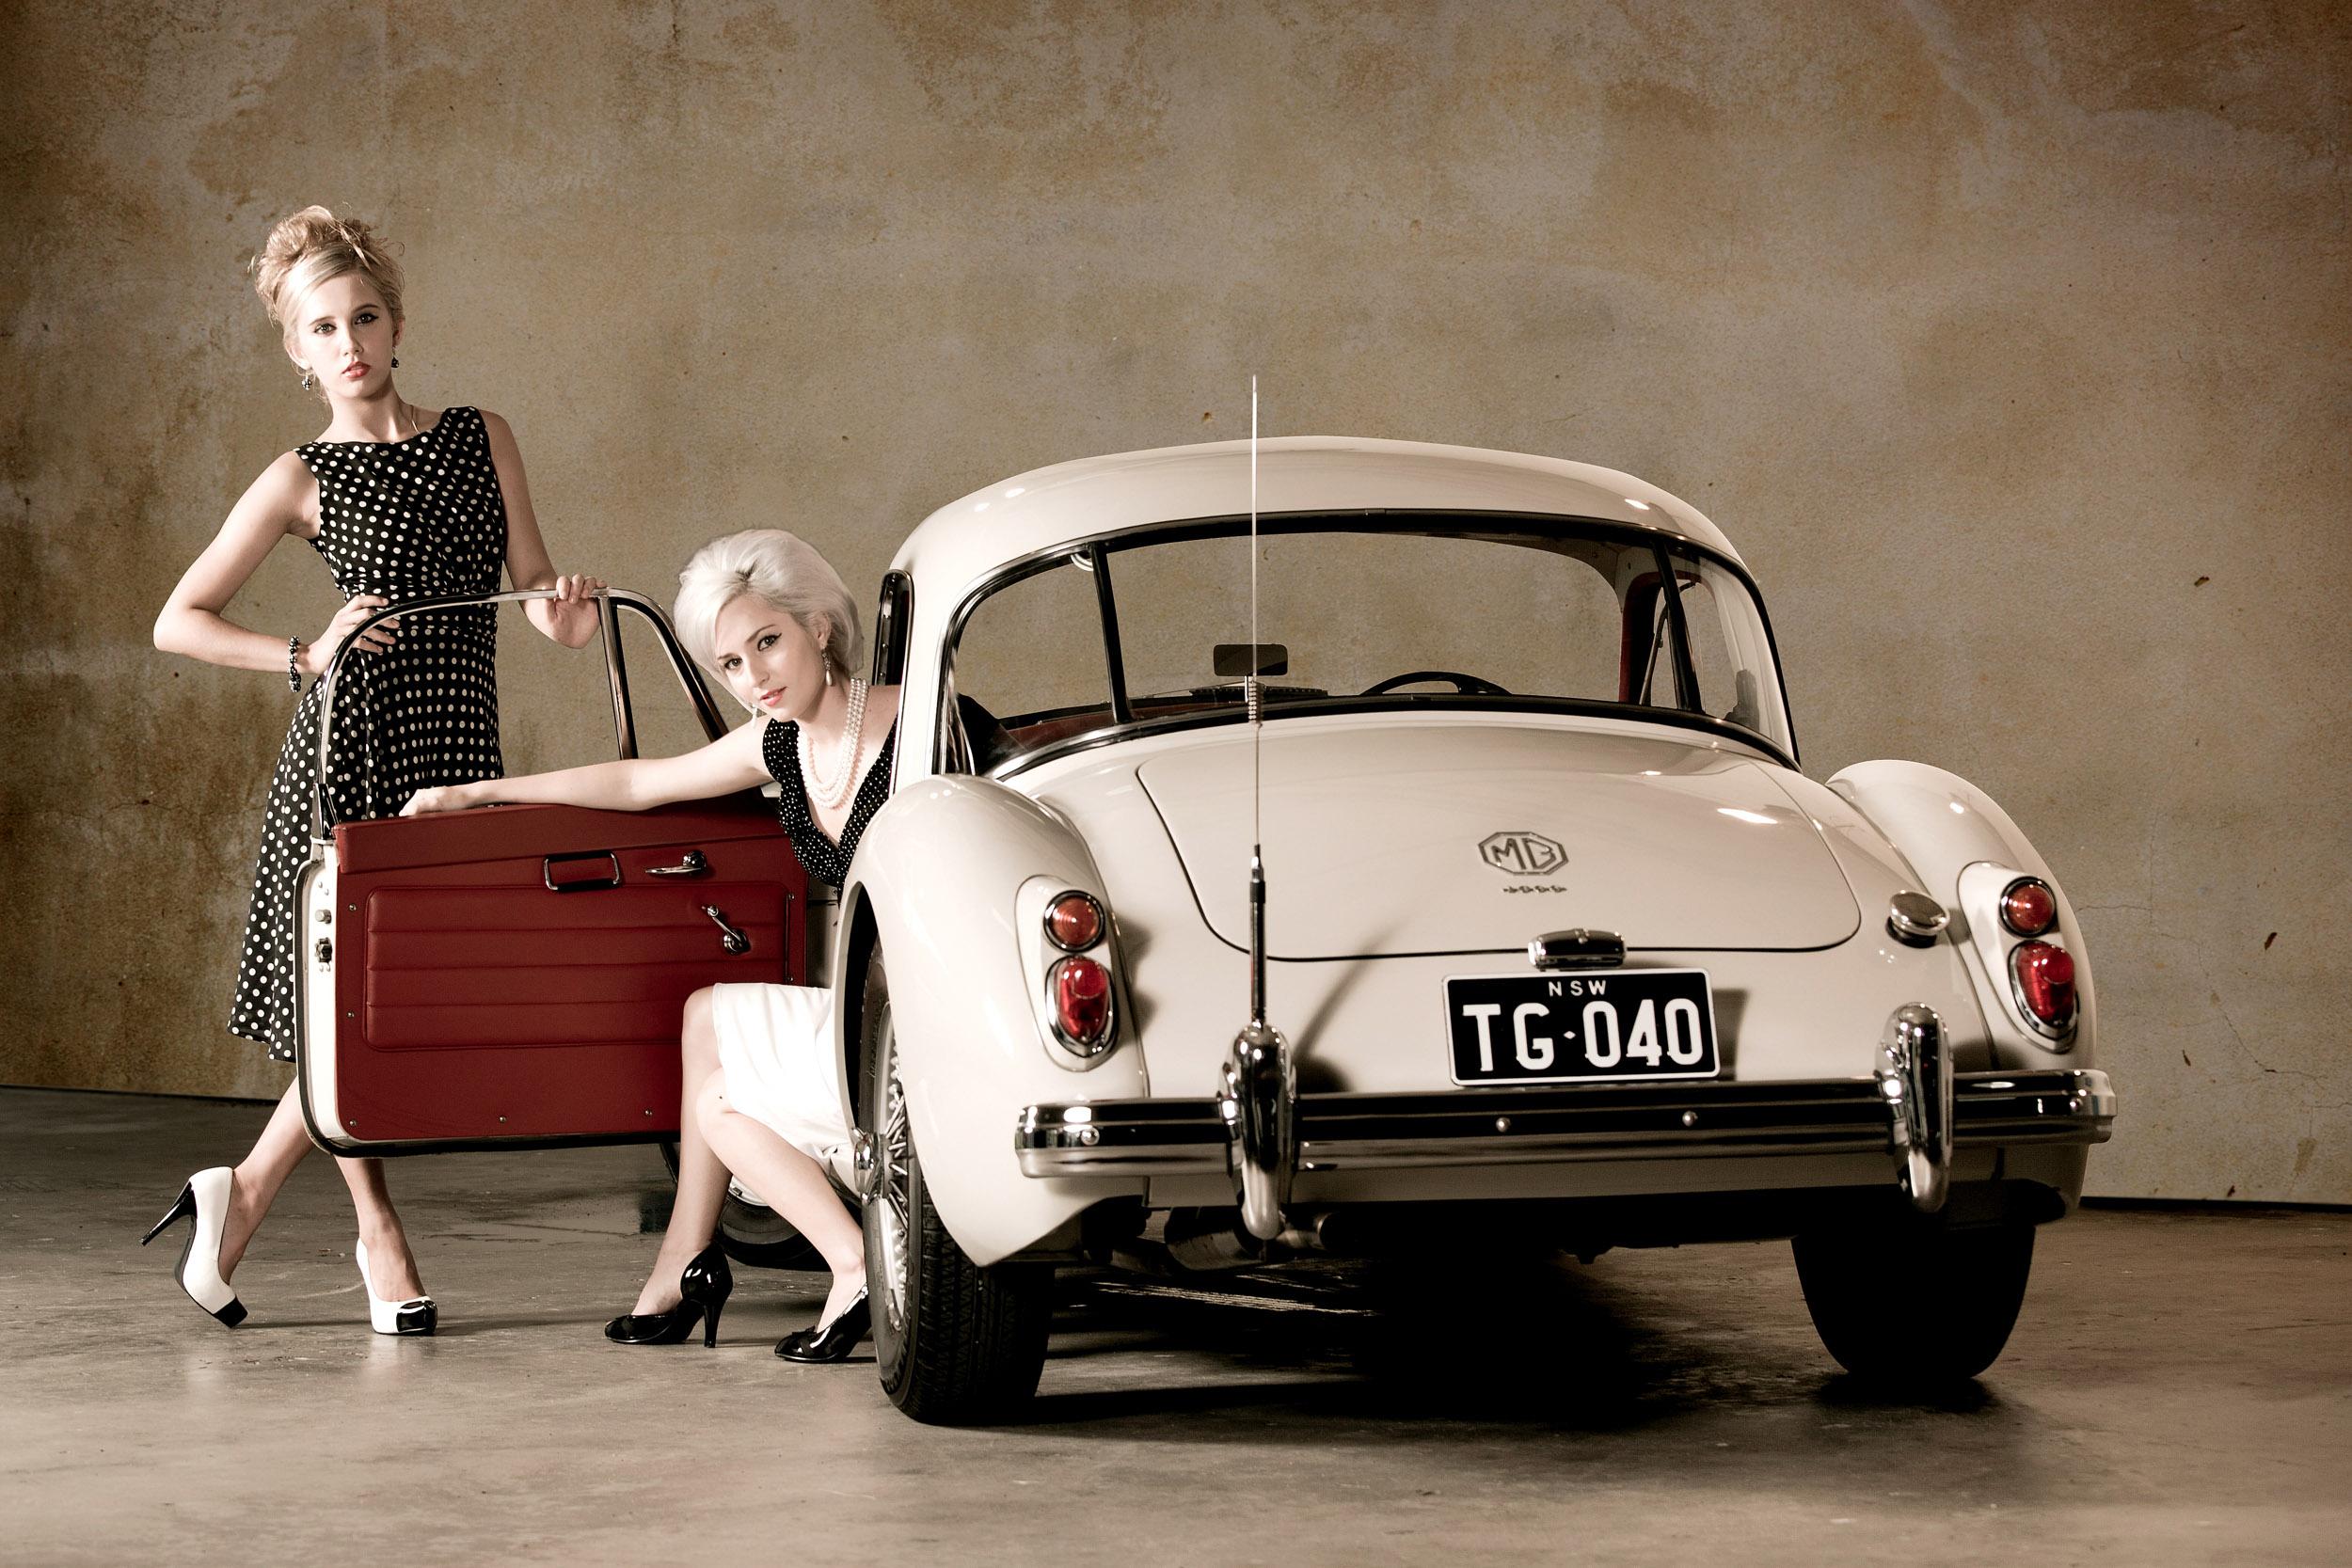 mgb-car-fashion-1950s-photoshoot.jpg